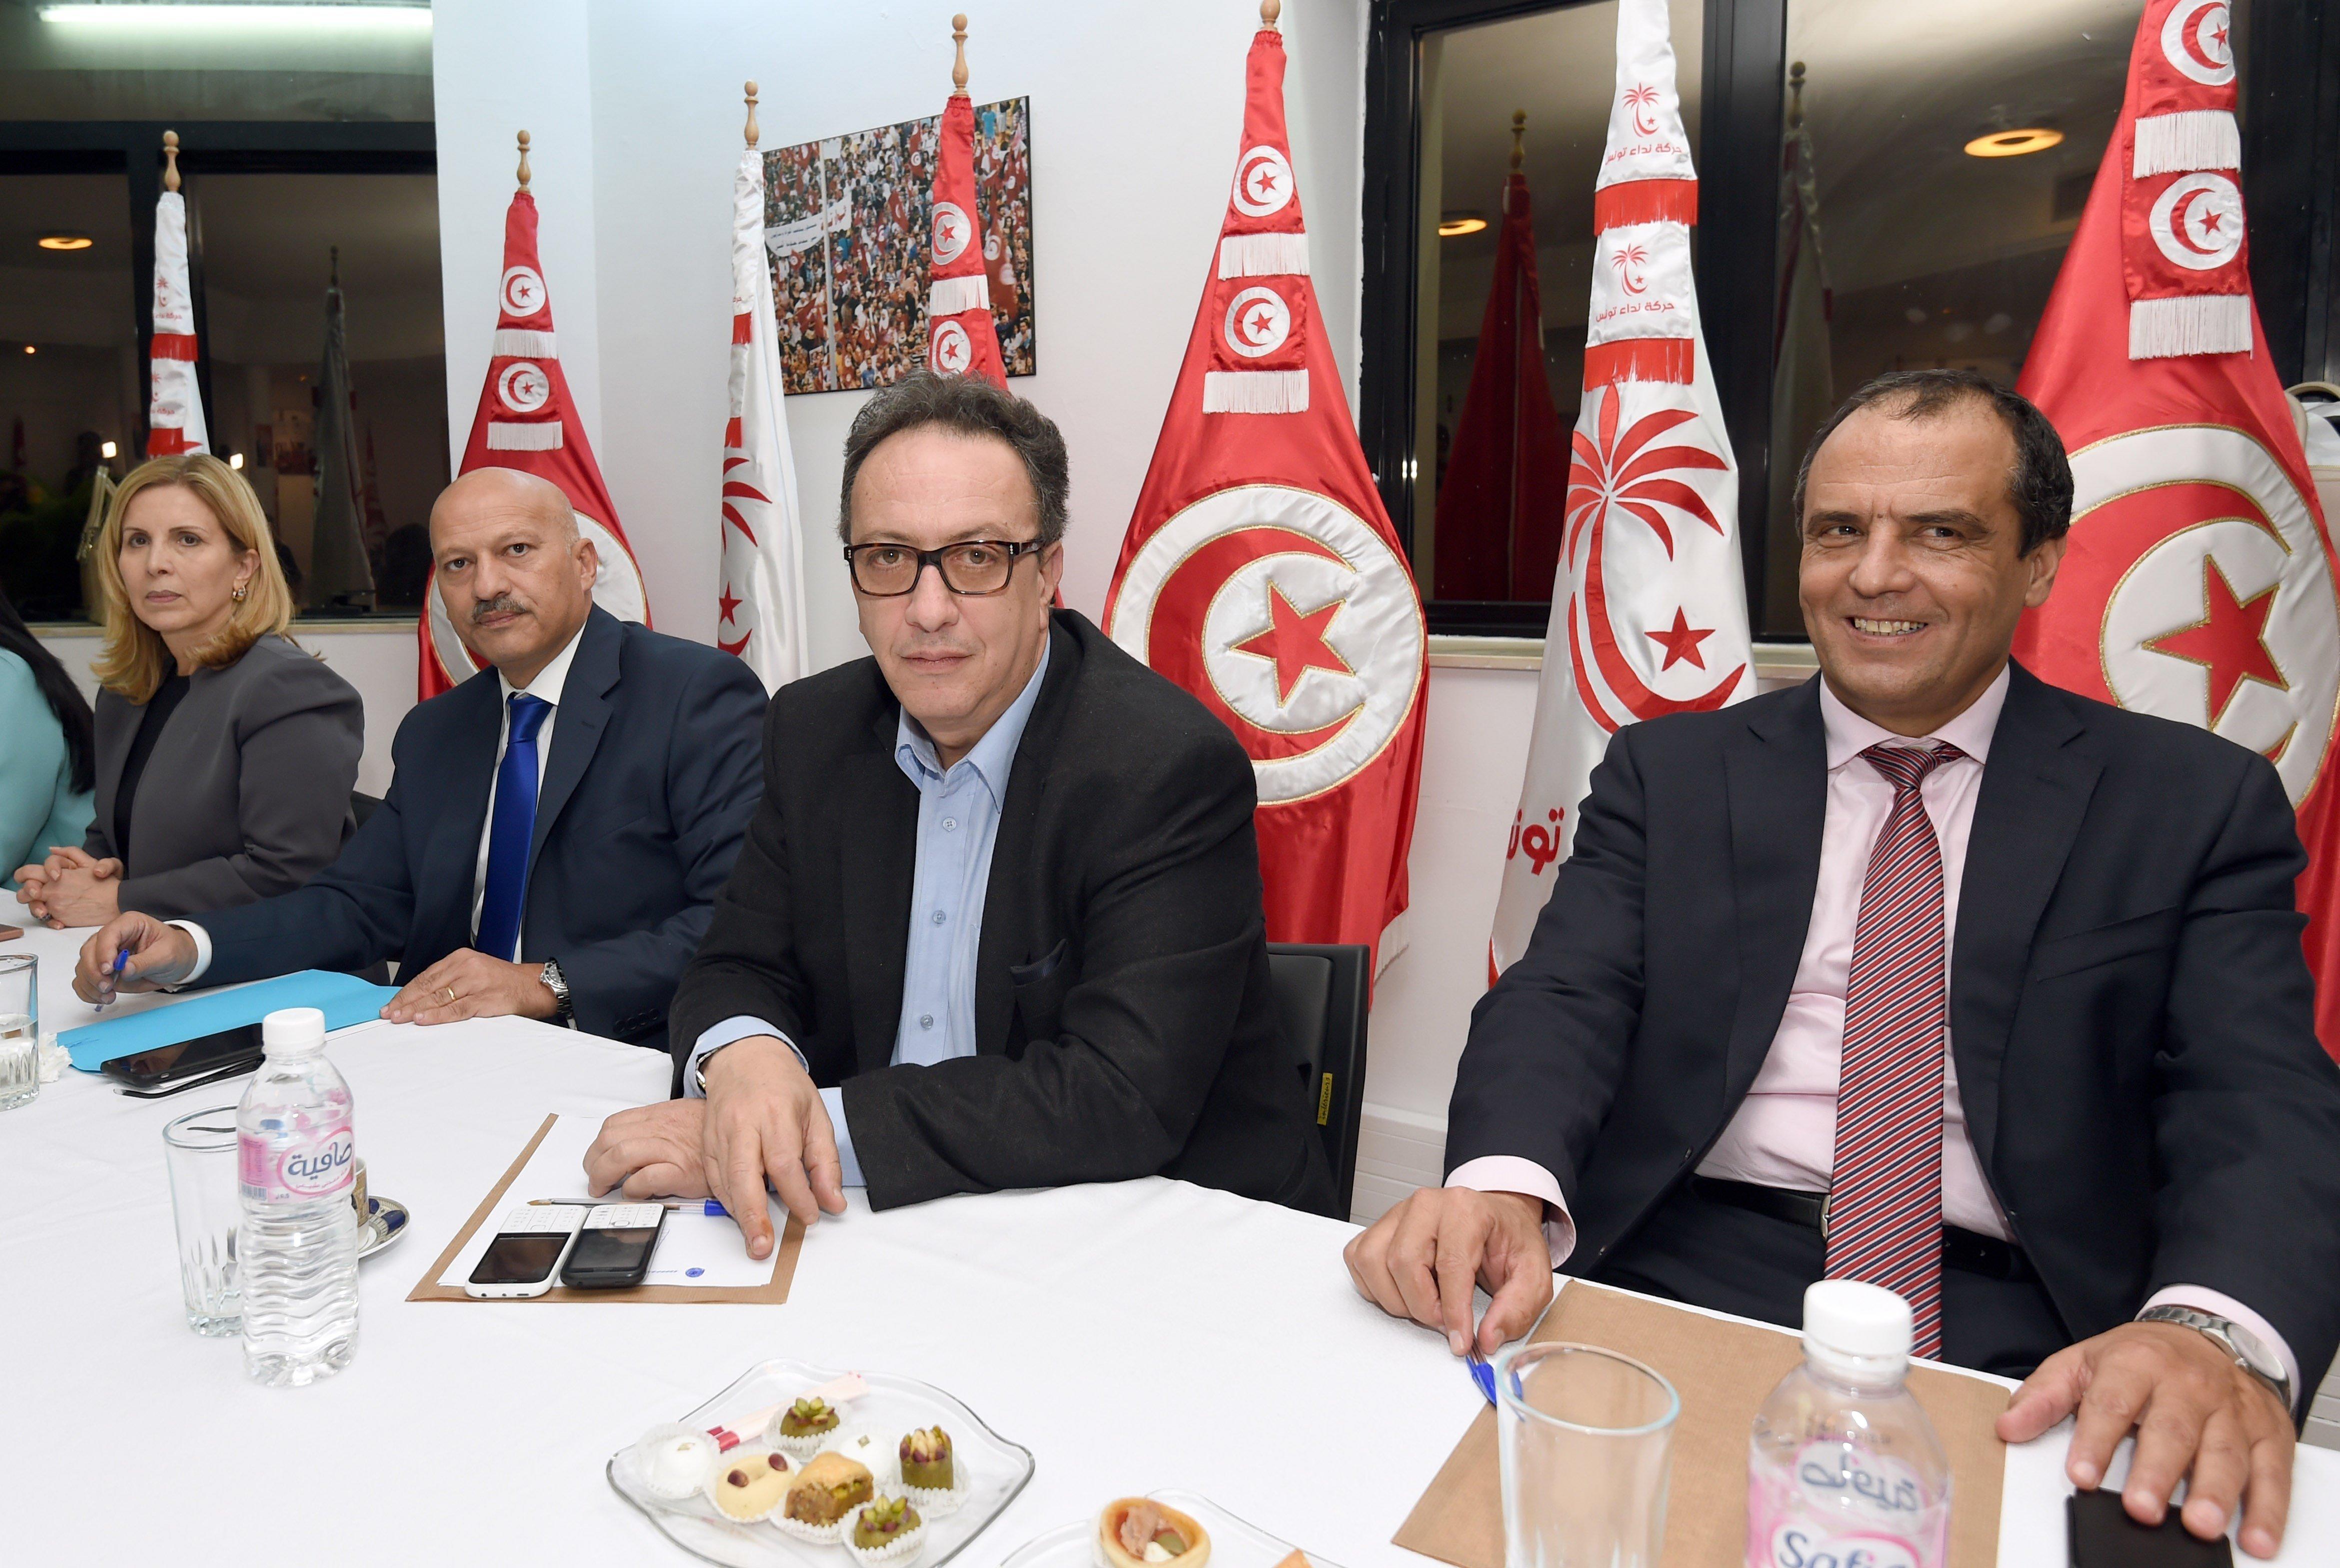 Nouvelle crise à Nidaa Tounes? Son adhésion au parti gelée par Hafedh Caïd Essebsi, Ridha Belhaj